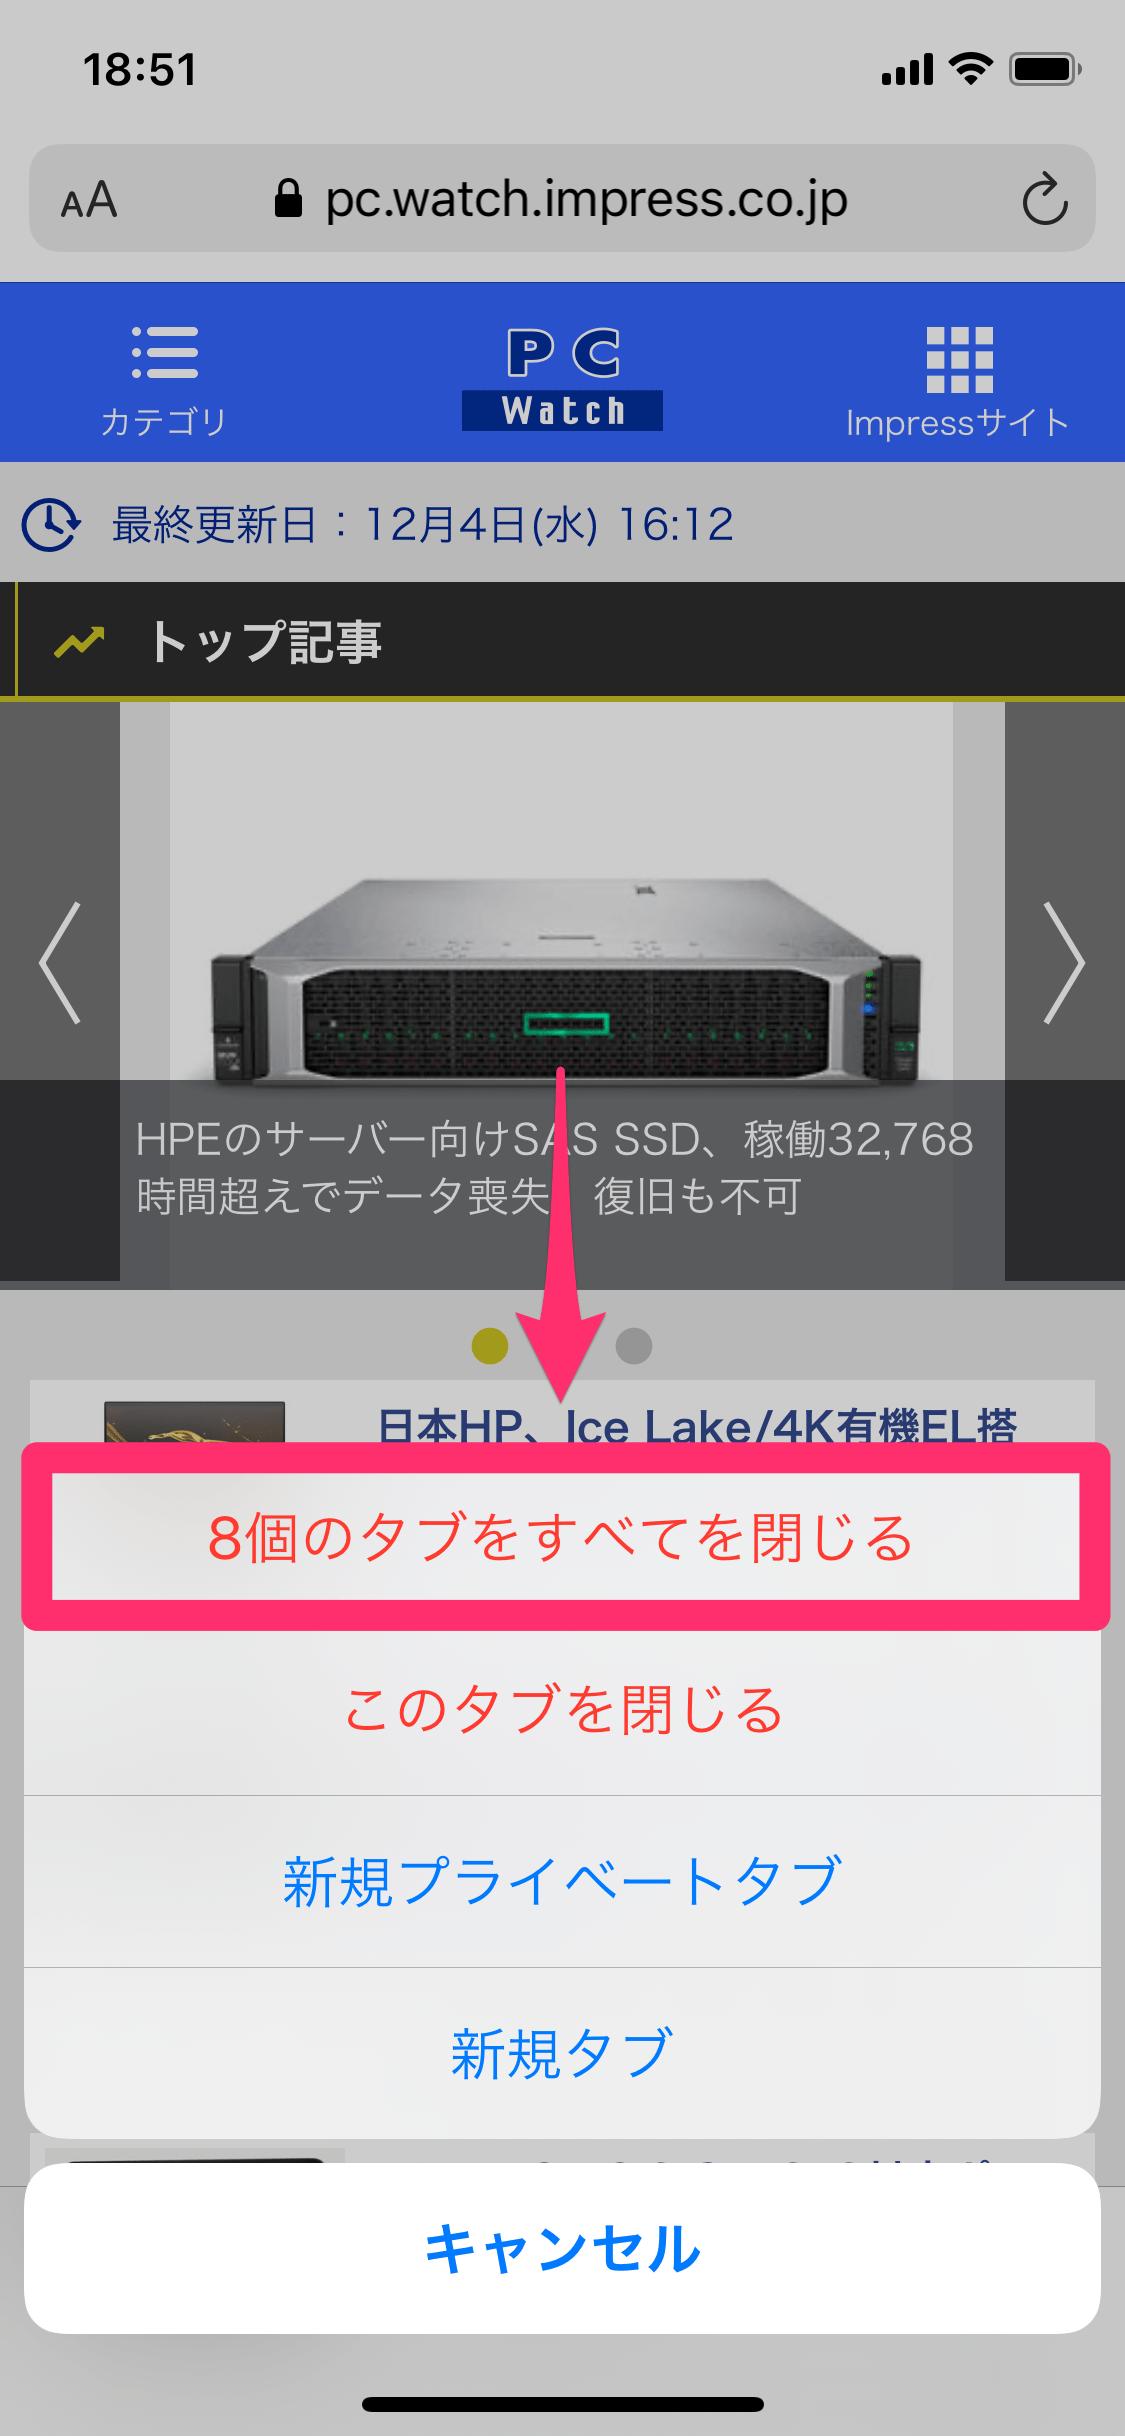 iPhoneでWebページのタブを閉じる3つの方法